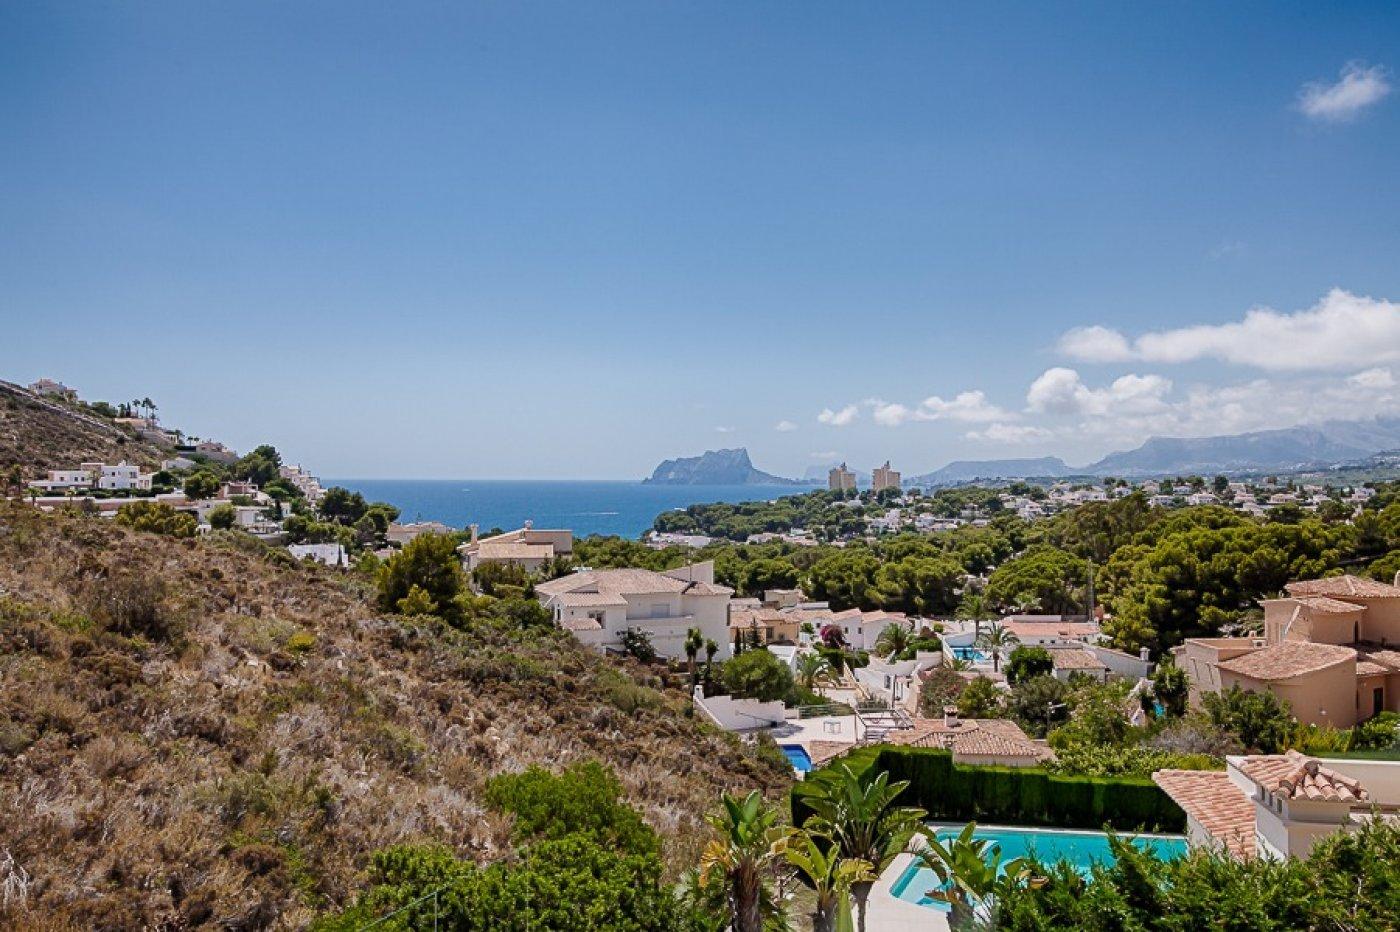 Nouvelle villa moderne avec d'excellentes vues sur la mer à El Portet